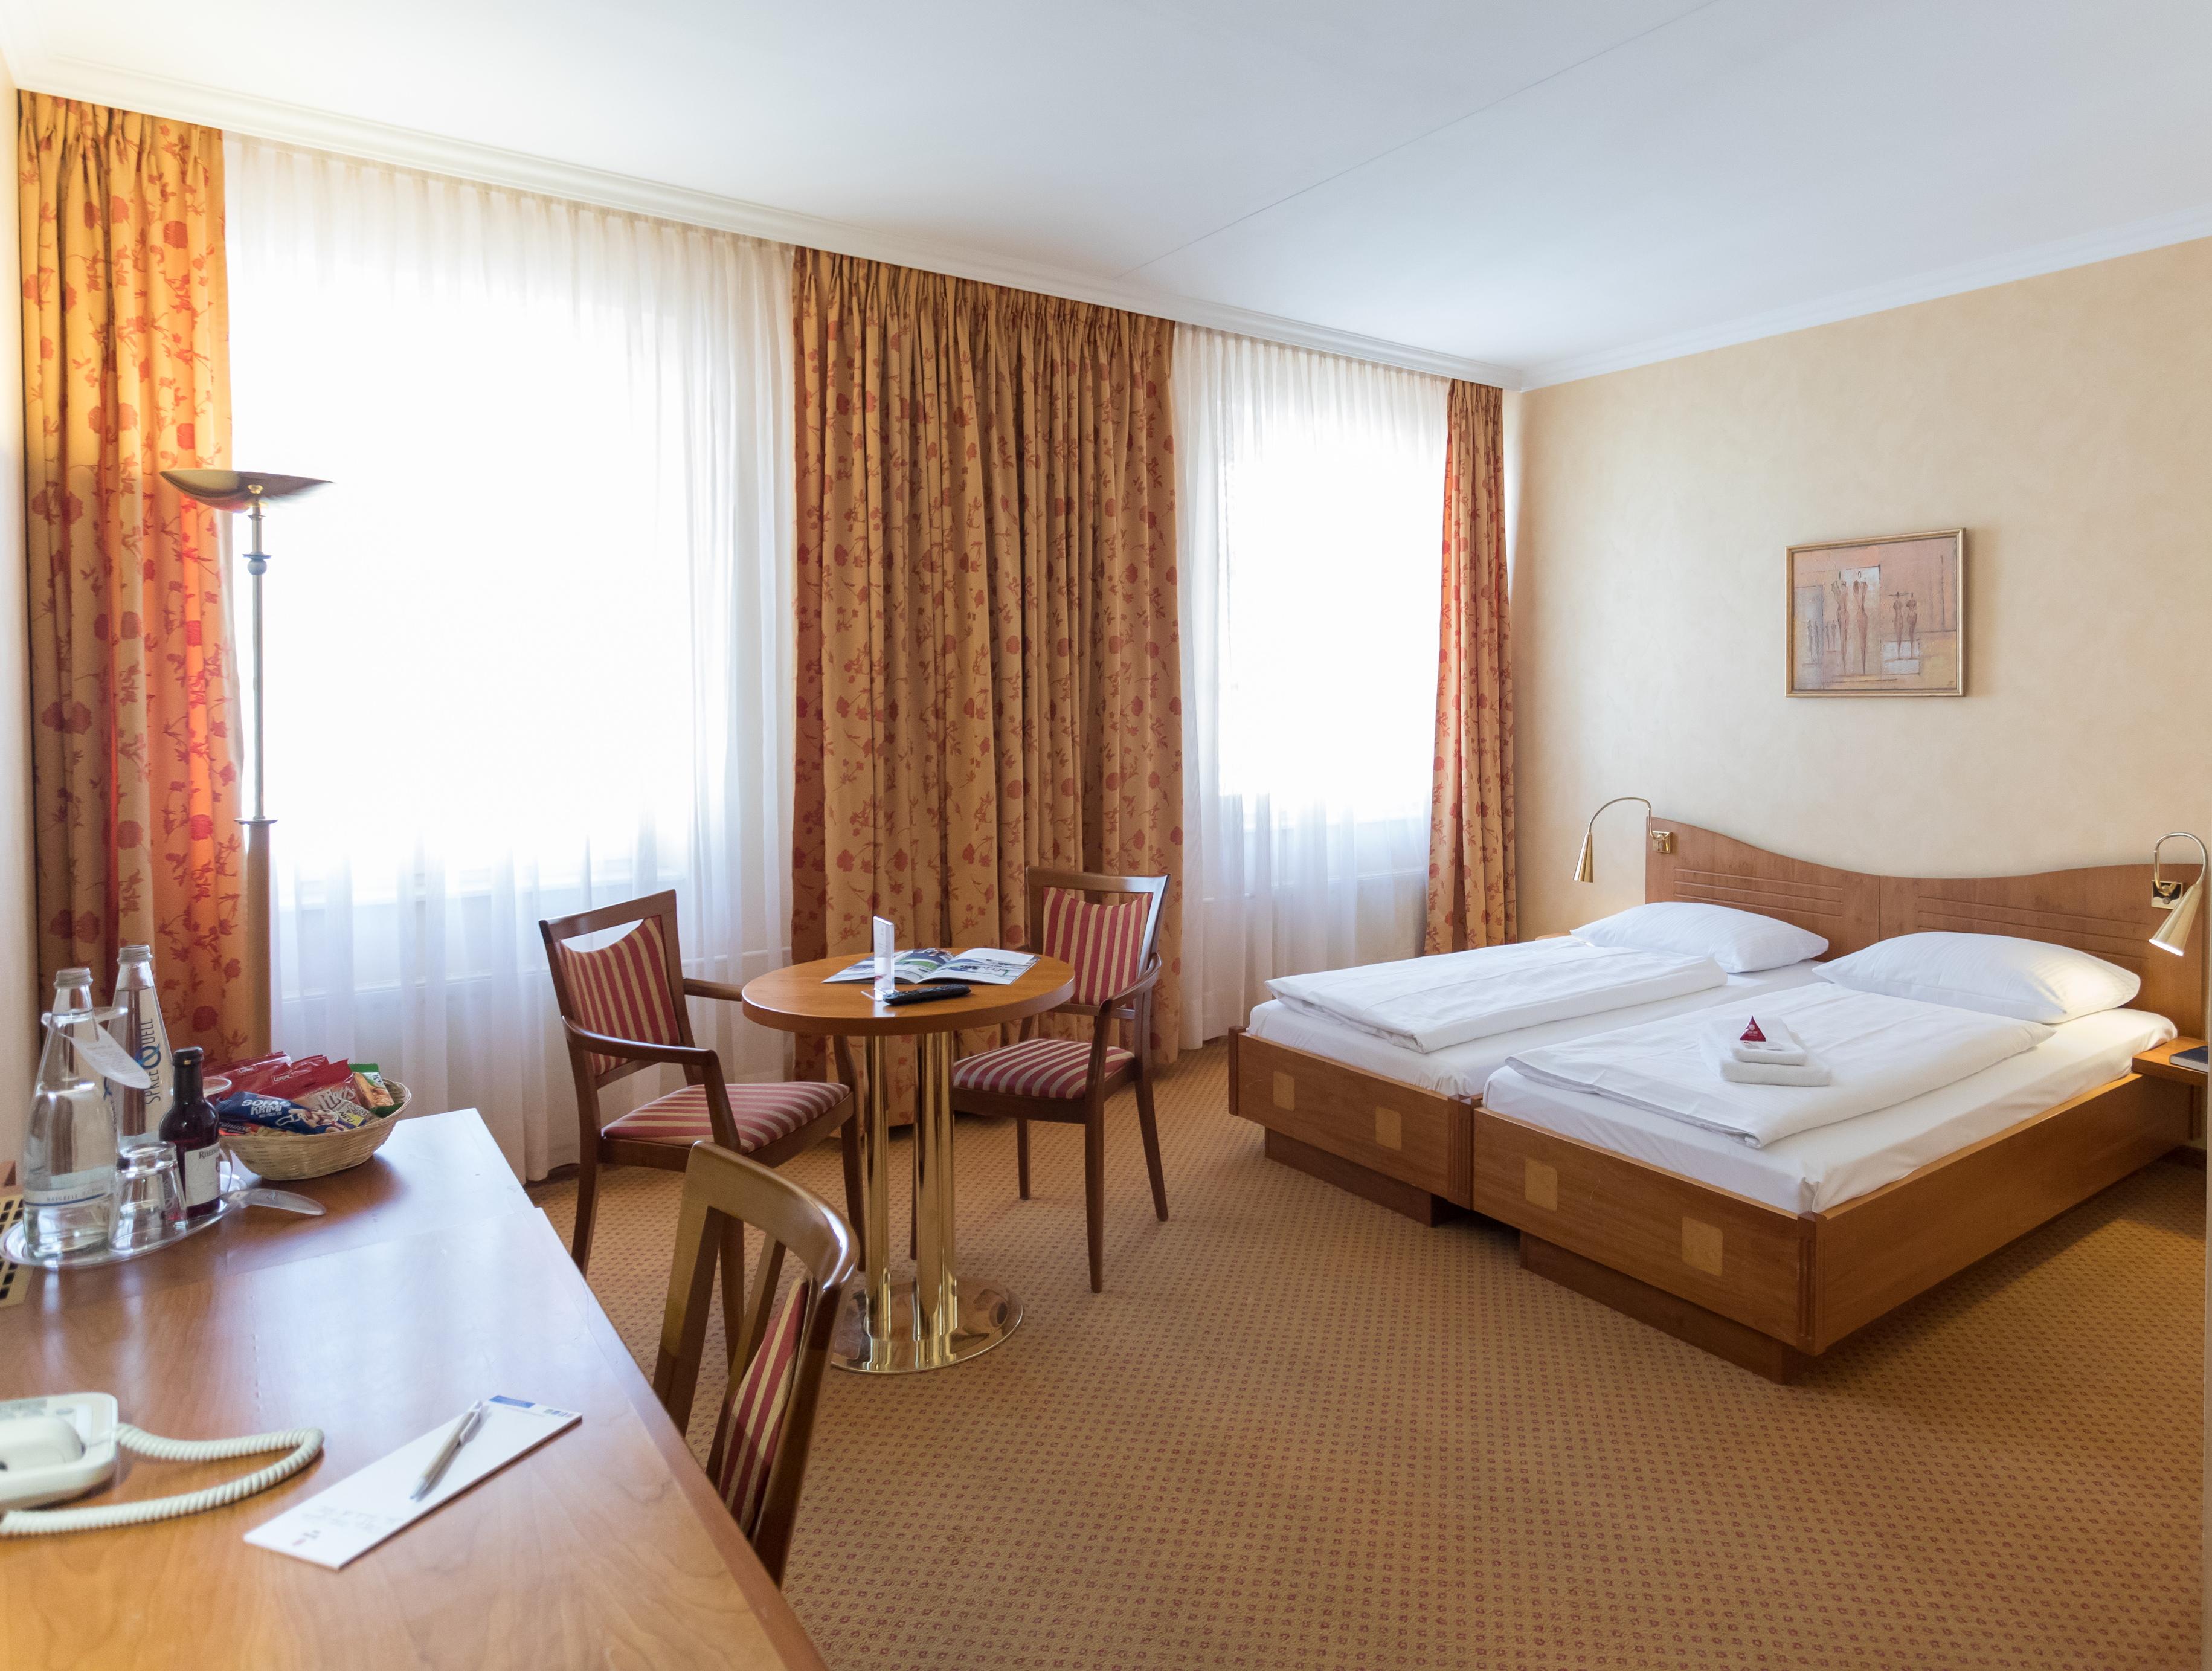 Hotel Albrechtshof Berlin Mitte